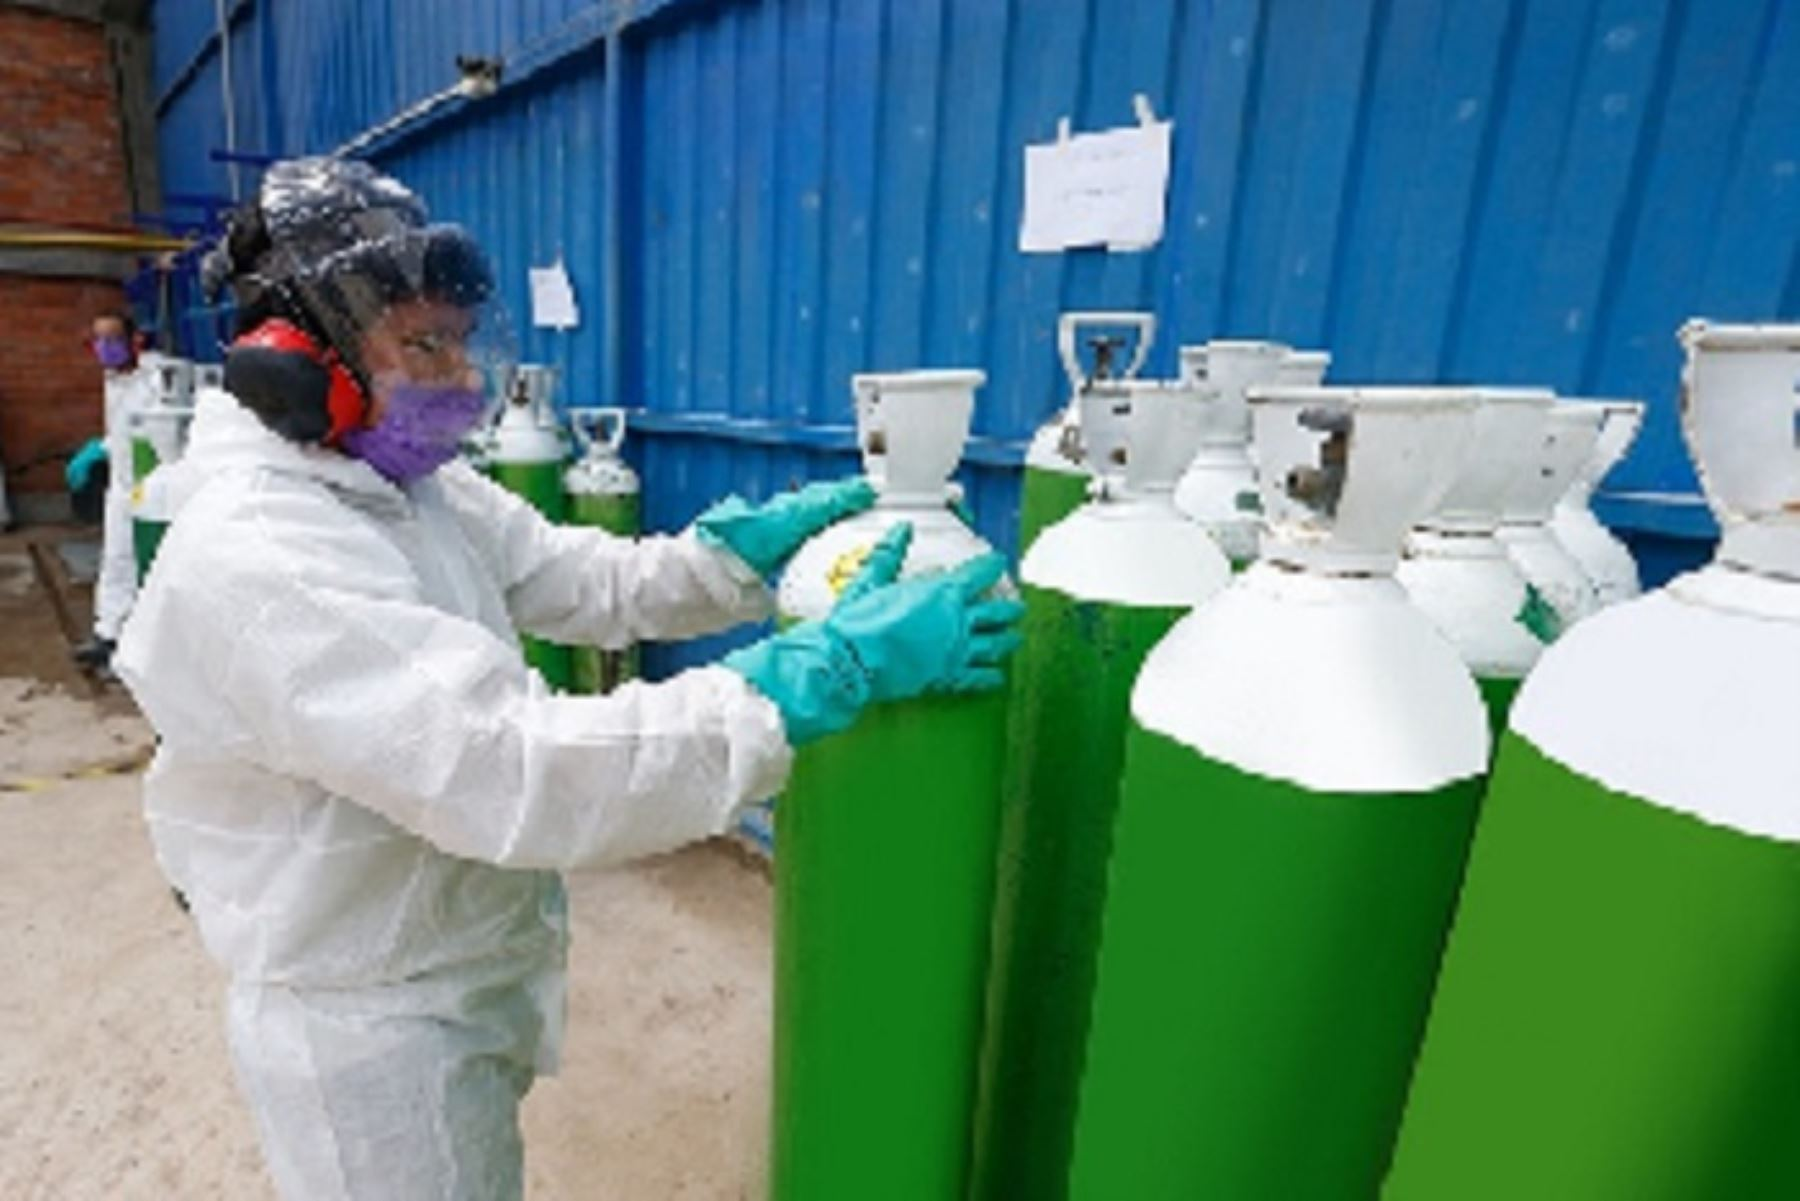 La segunda planta de oxígeno fue alquilada con presupuesto del gobierno regional y ya se encuentra instalada en el hospital de Tarapoto. El traslado desde Lima fue posible gracias a un puente aéreo coordinado por el Minsa, la misma que entrará a funcionar desde mañana.